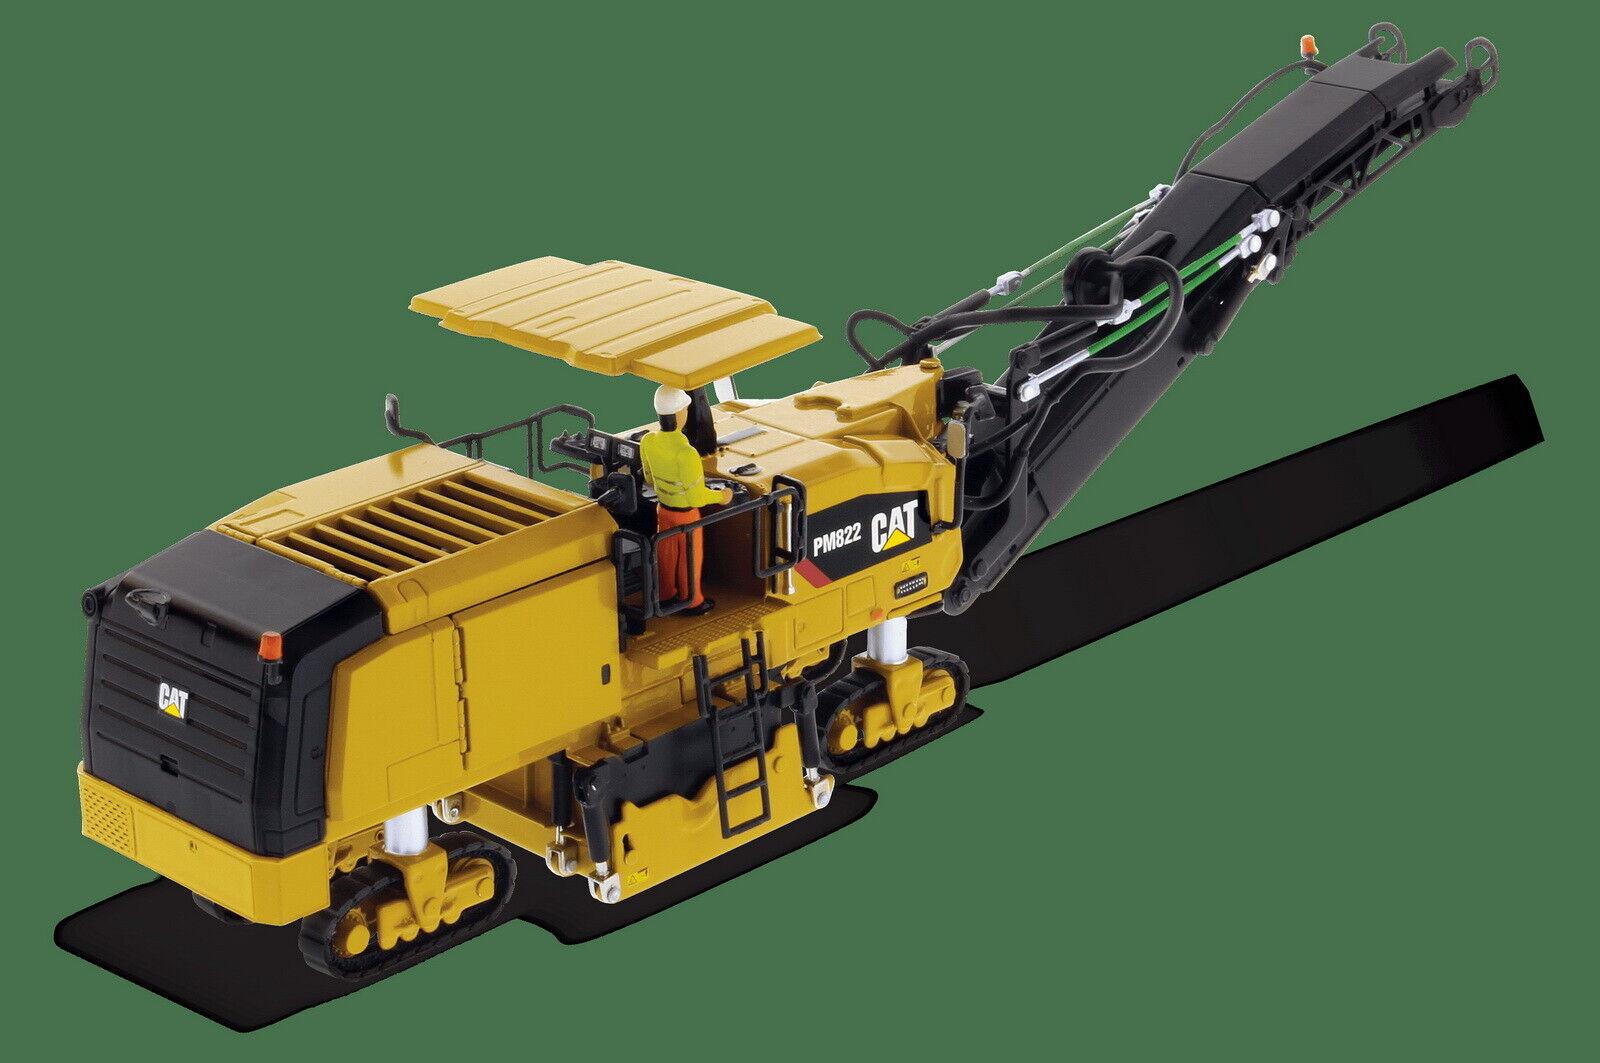 di moda Diecast Masters 1 50 50 50 Caterpillar CAT PM822 frossodo Pituttia per modellololi Diecast  85588  80% di sconto